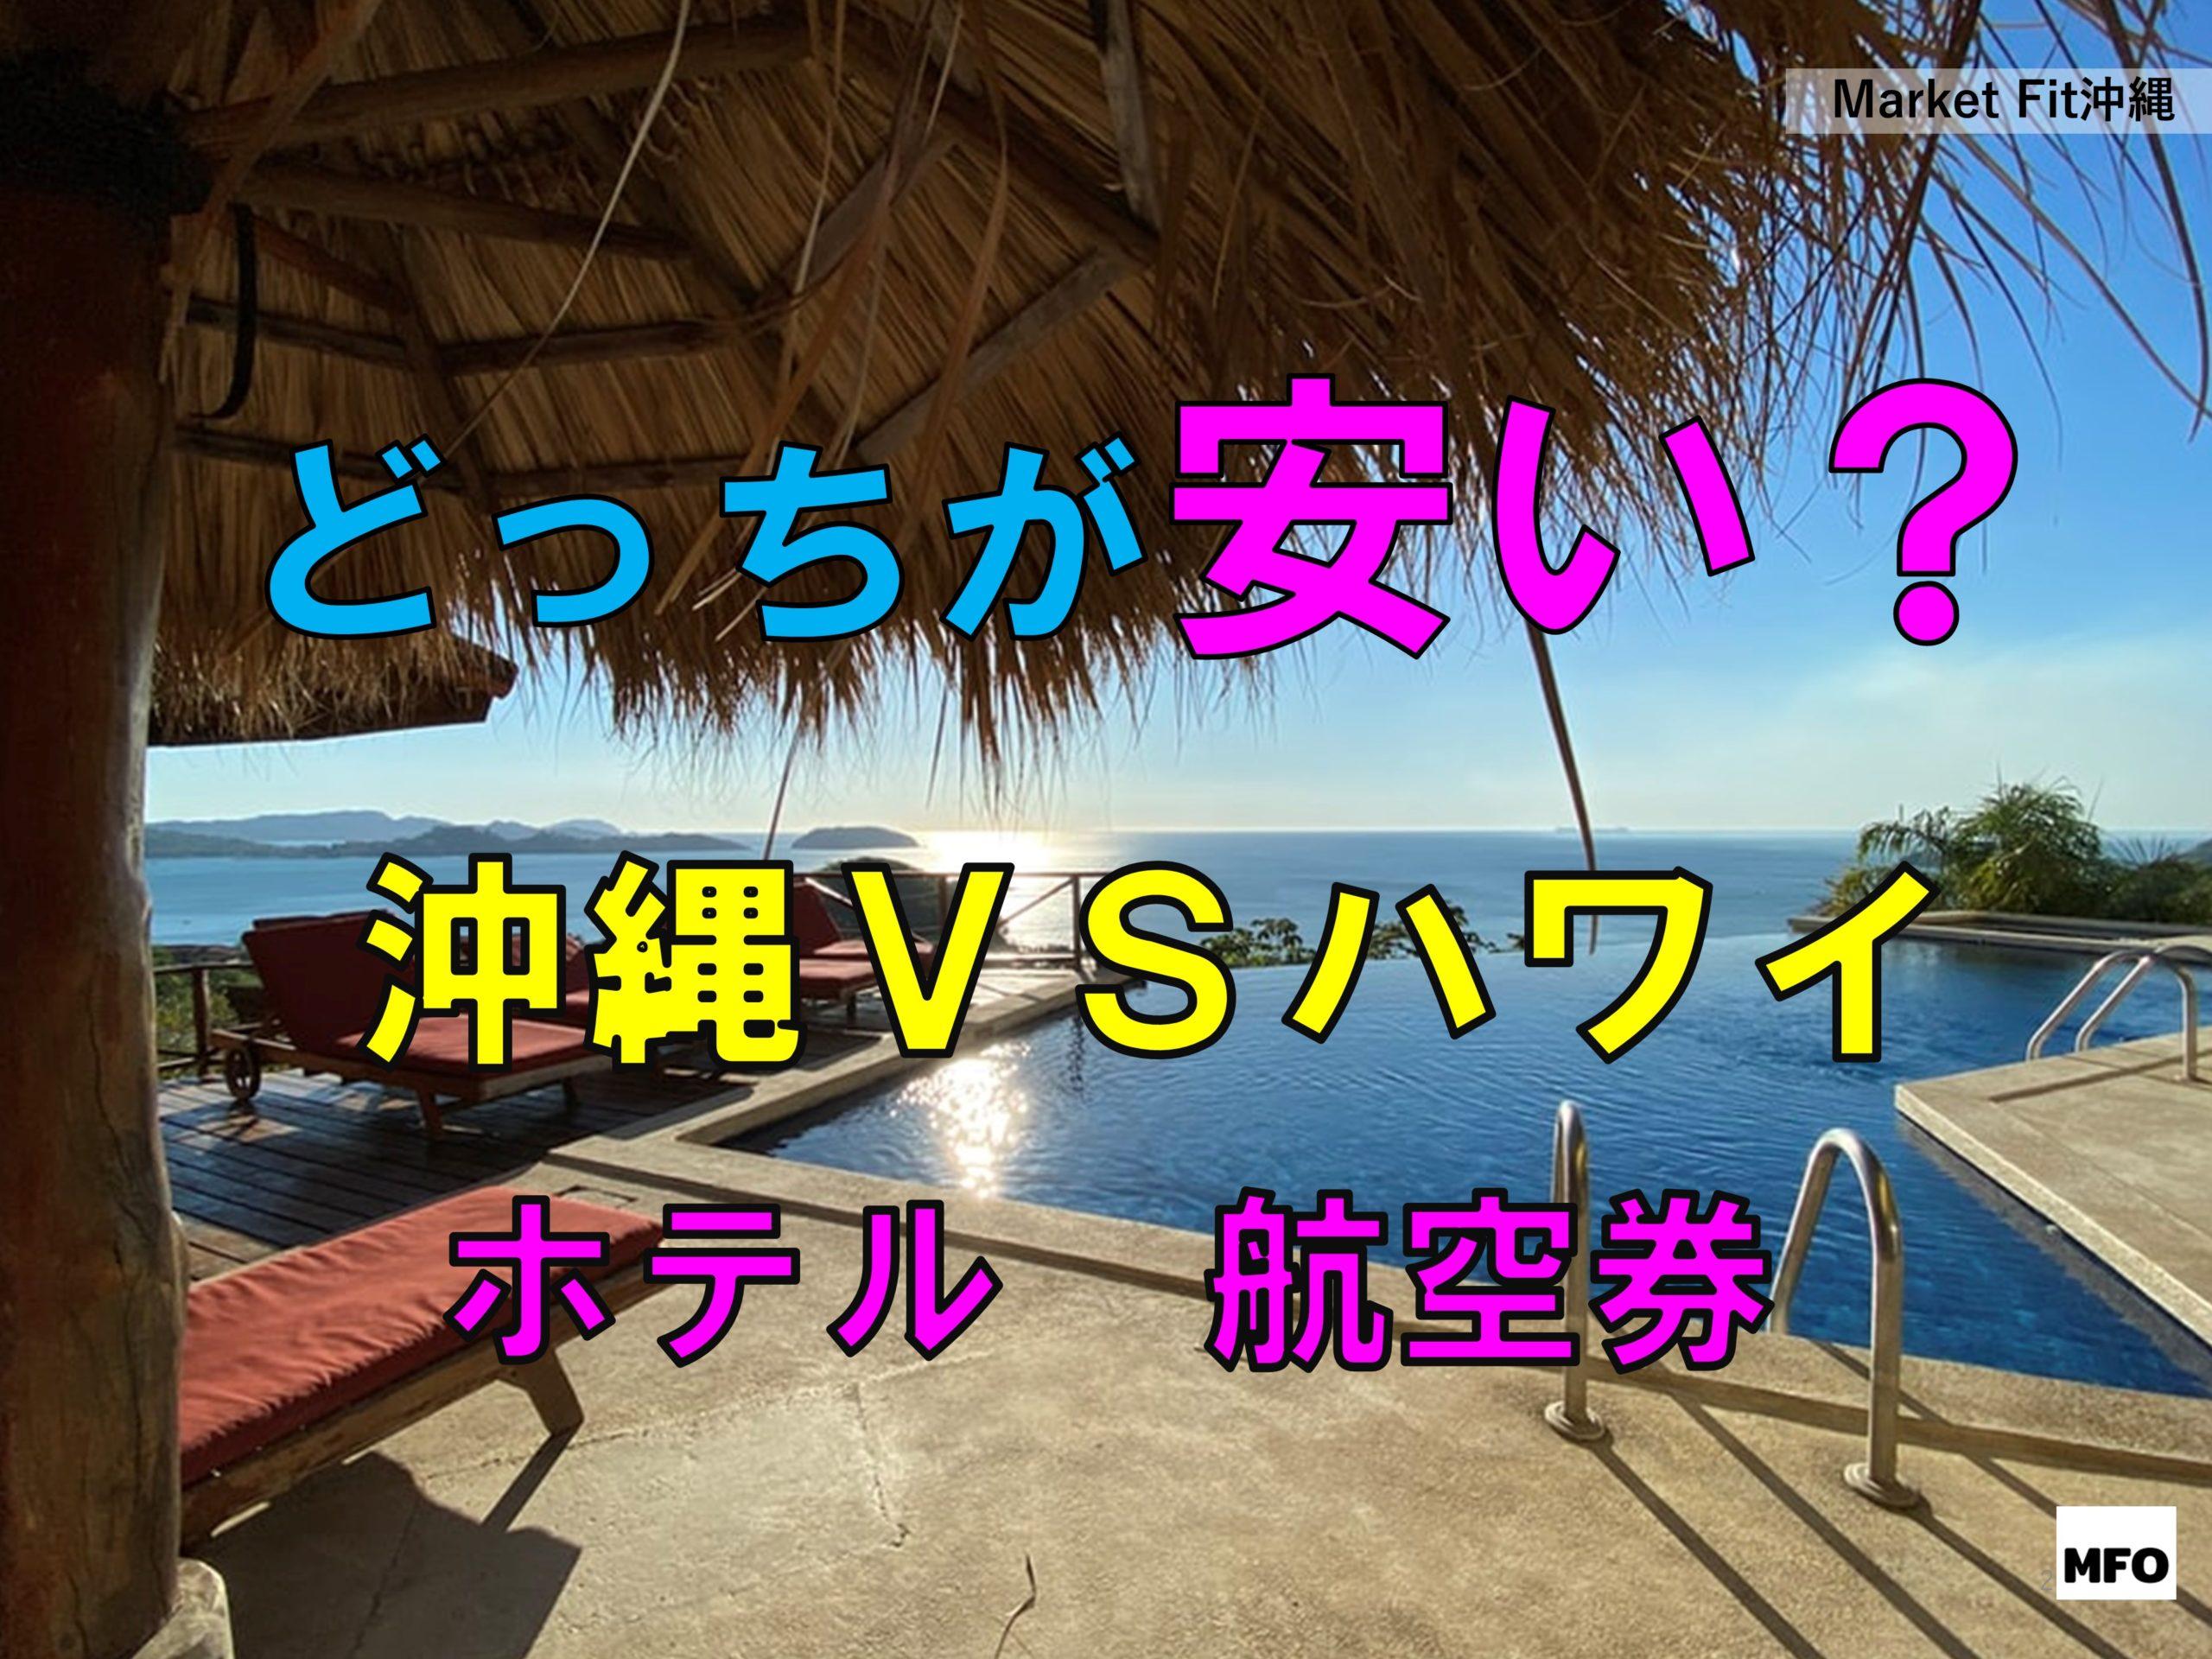 沖縄とハワイどっちが安い?